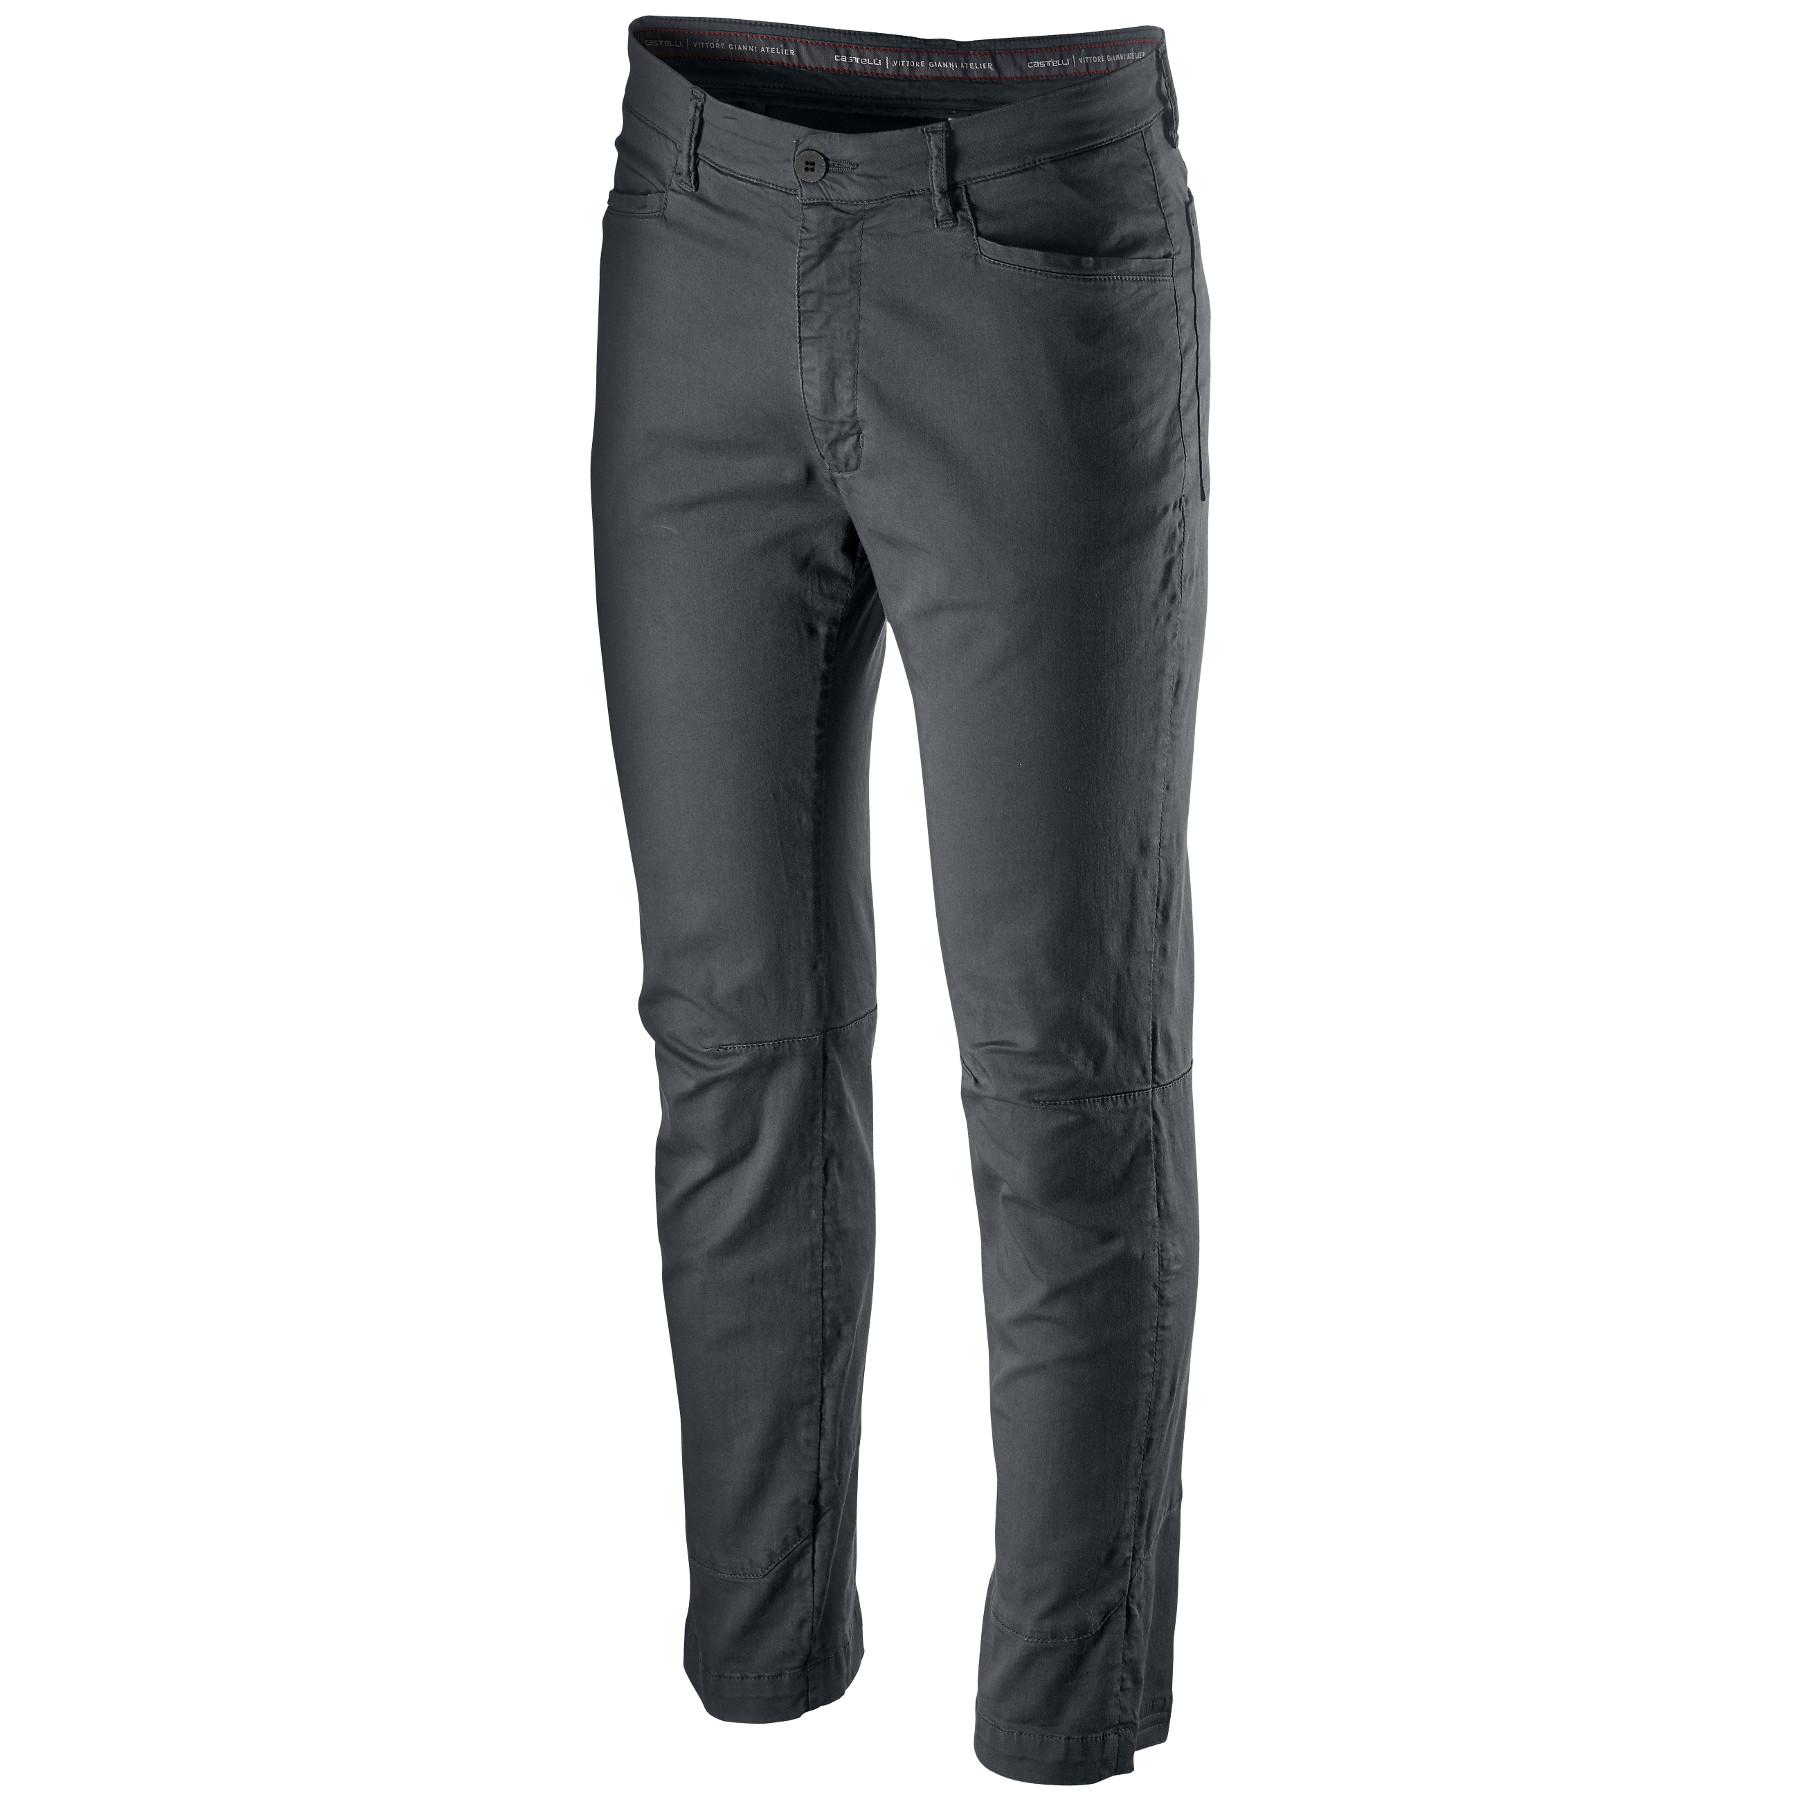 Castelli VG 5 Pocket Pant - tempest grey 098